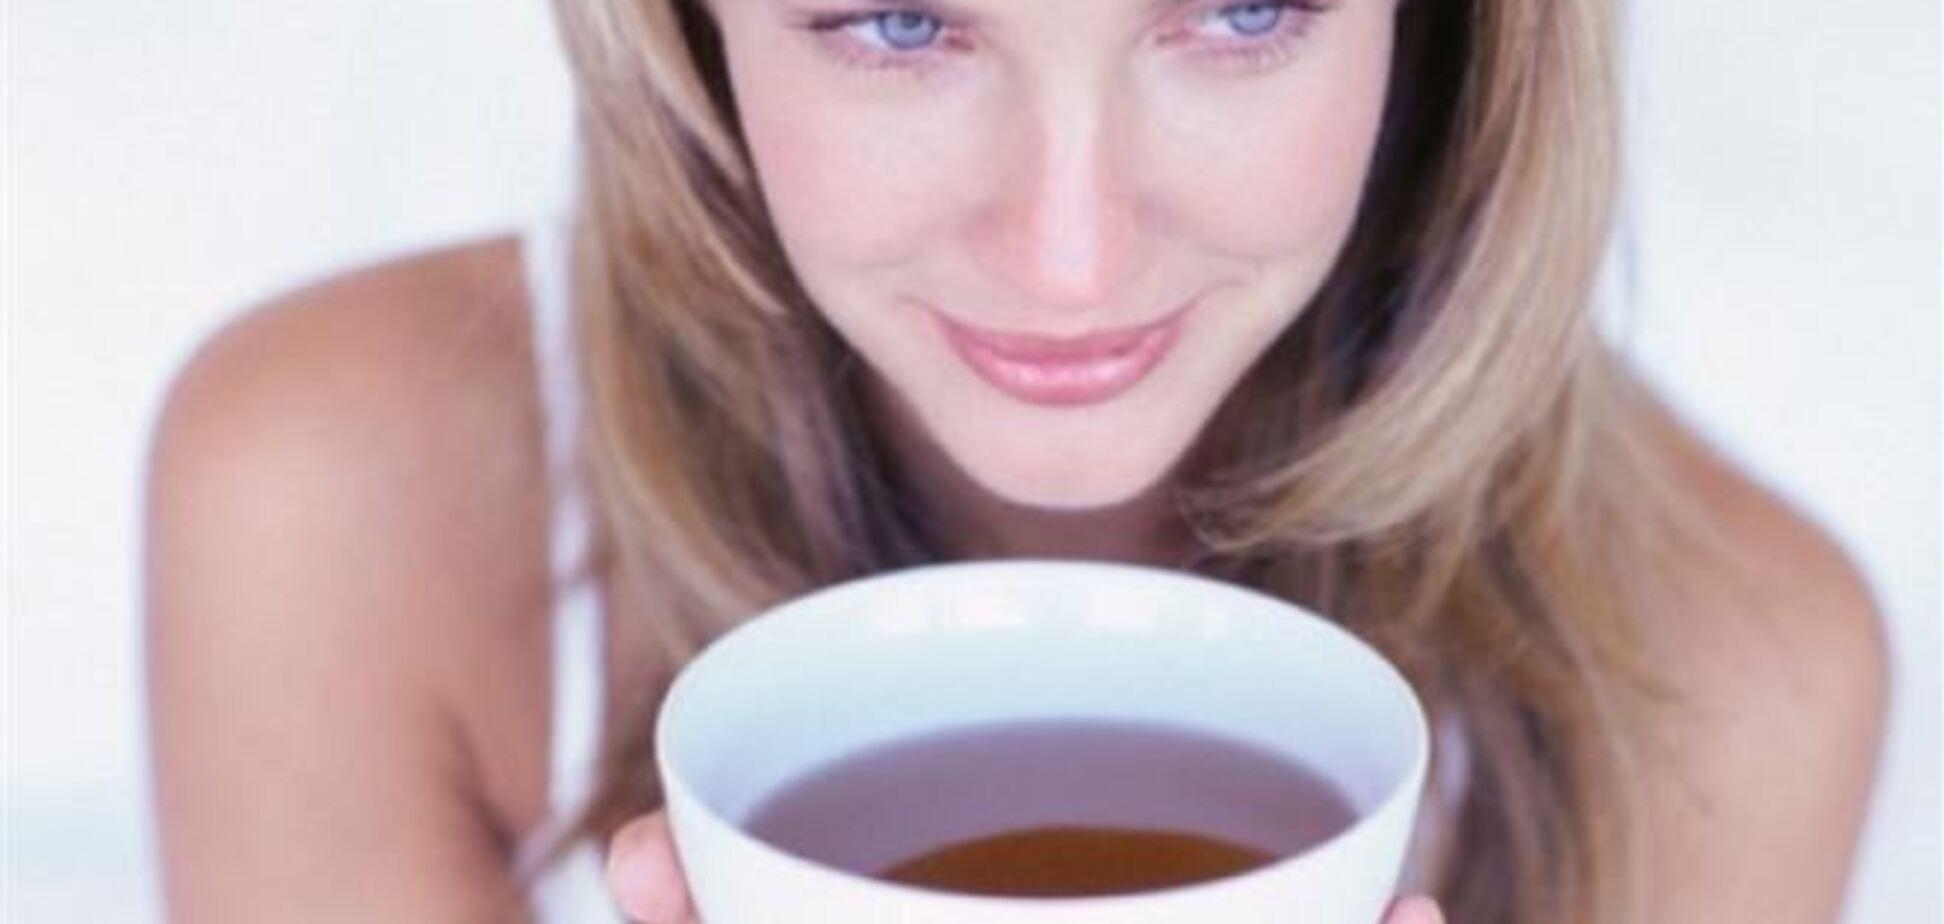 Ученые рассказали, с чем полезней всего пить чай